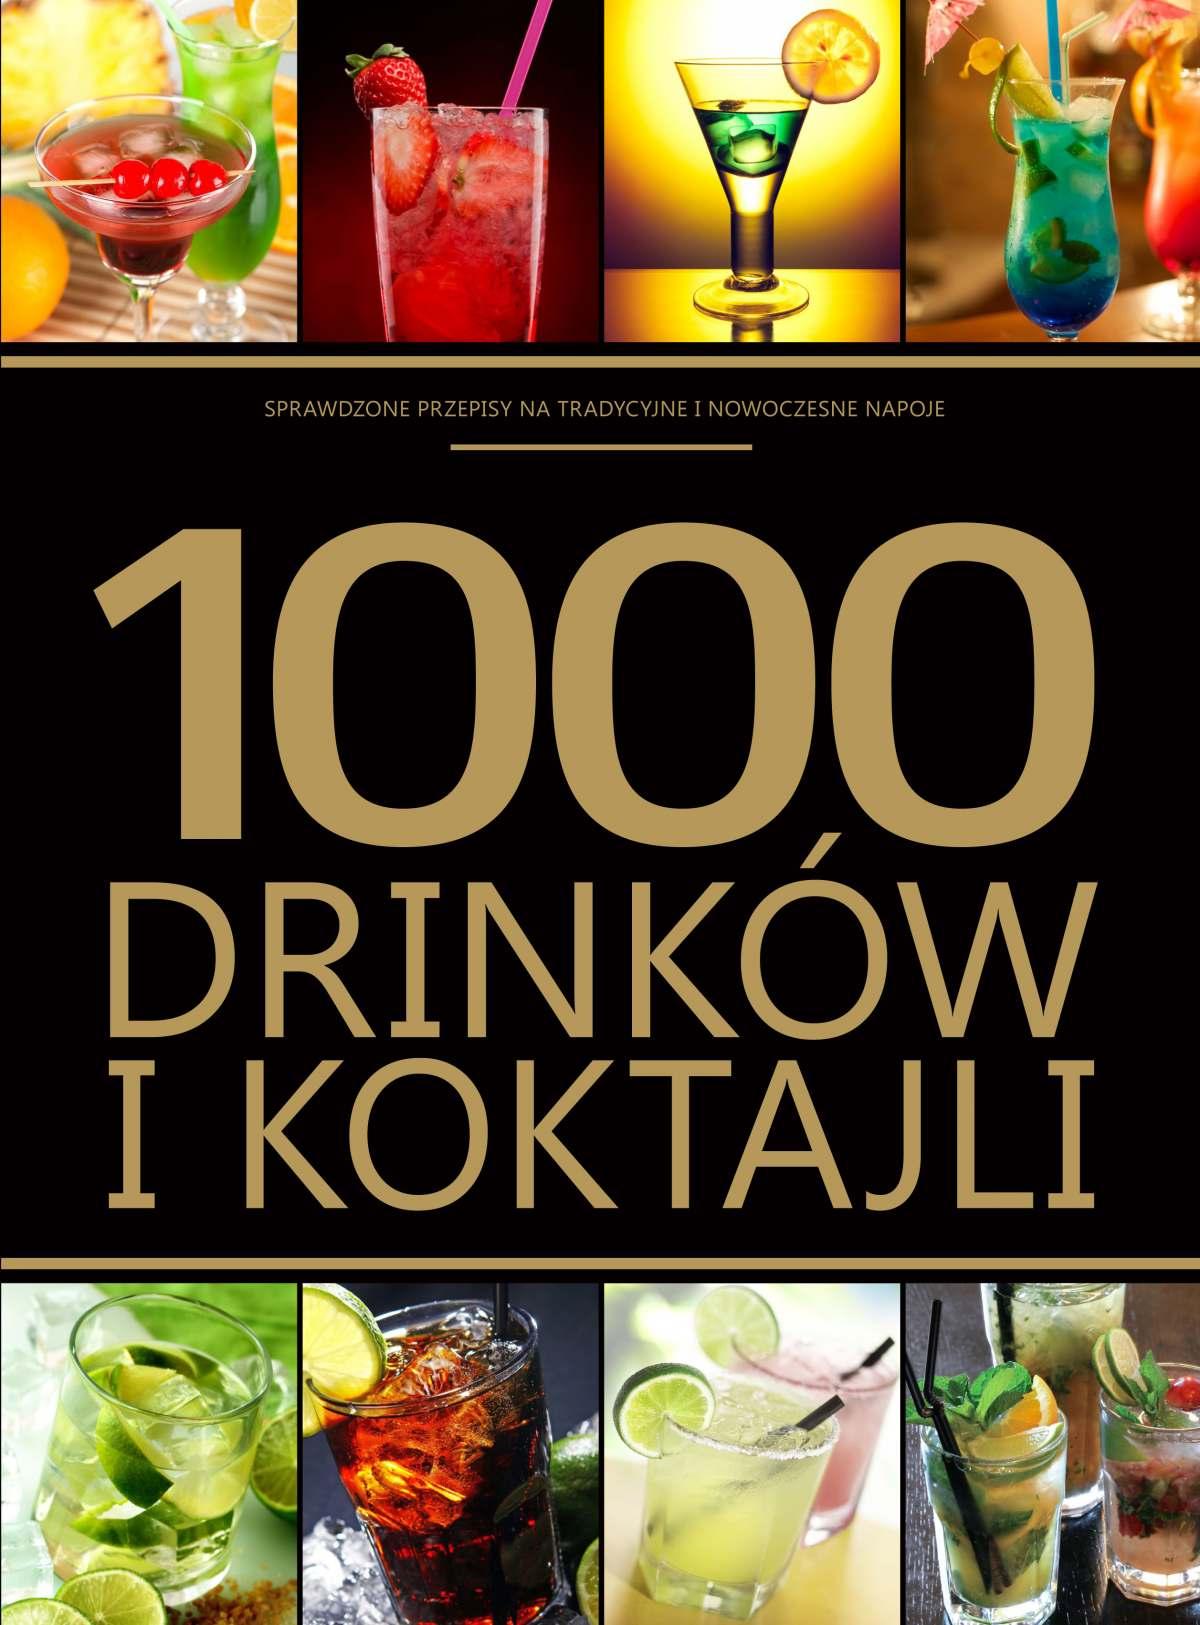 1000 drinków i kotajli - Ebook (Książka PDF) do pobrania w formacie PDF